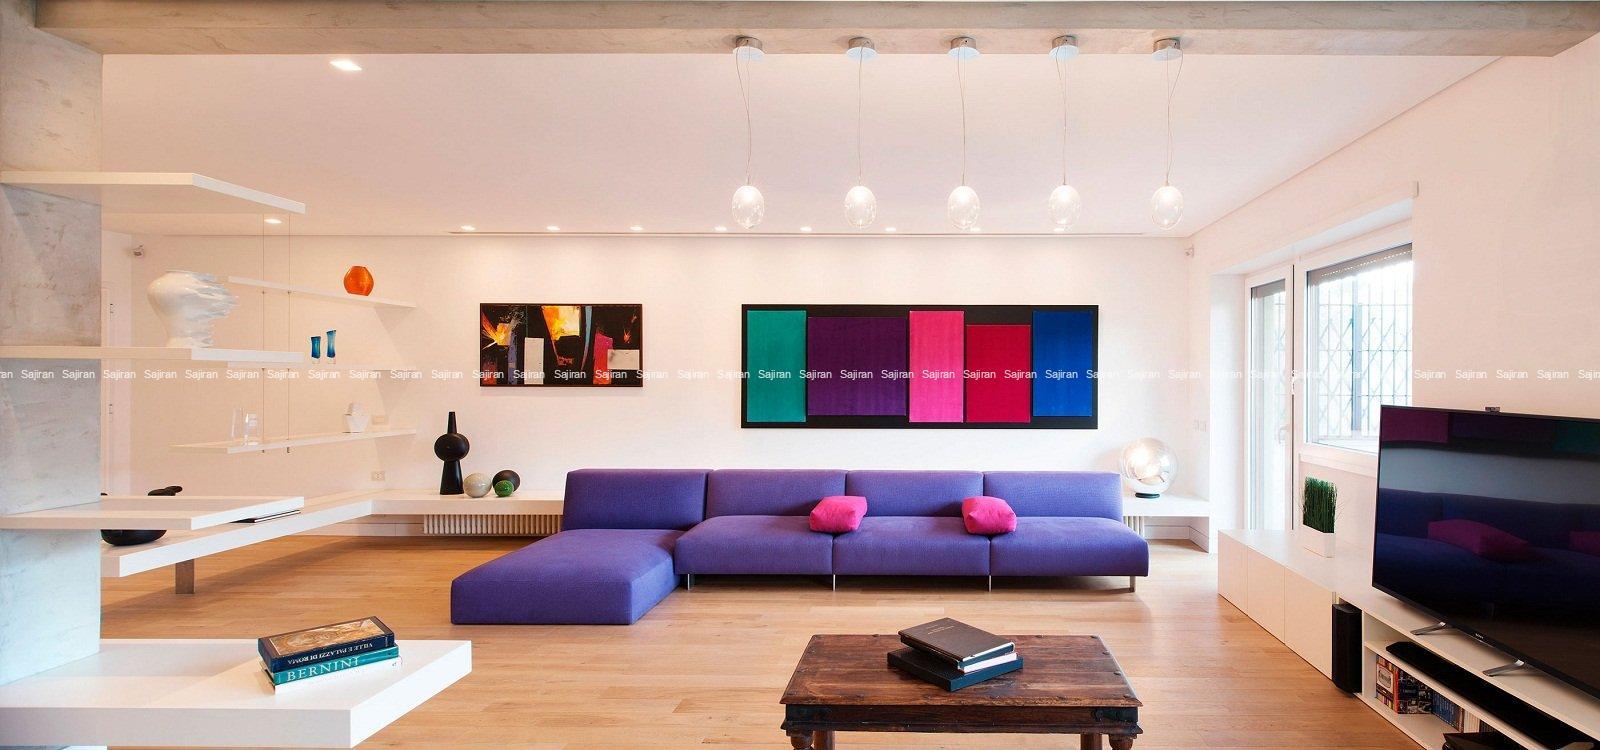 جنبه فنی و زیبایی مبلمان دفتری شما